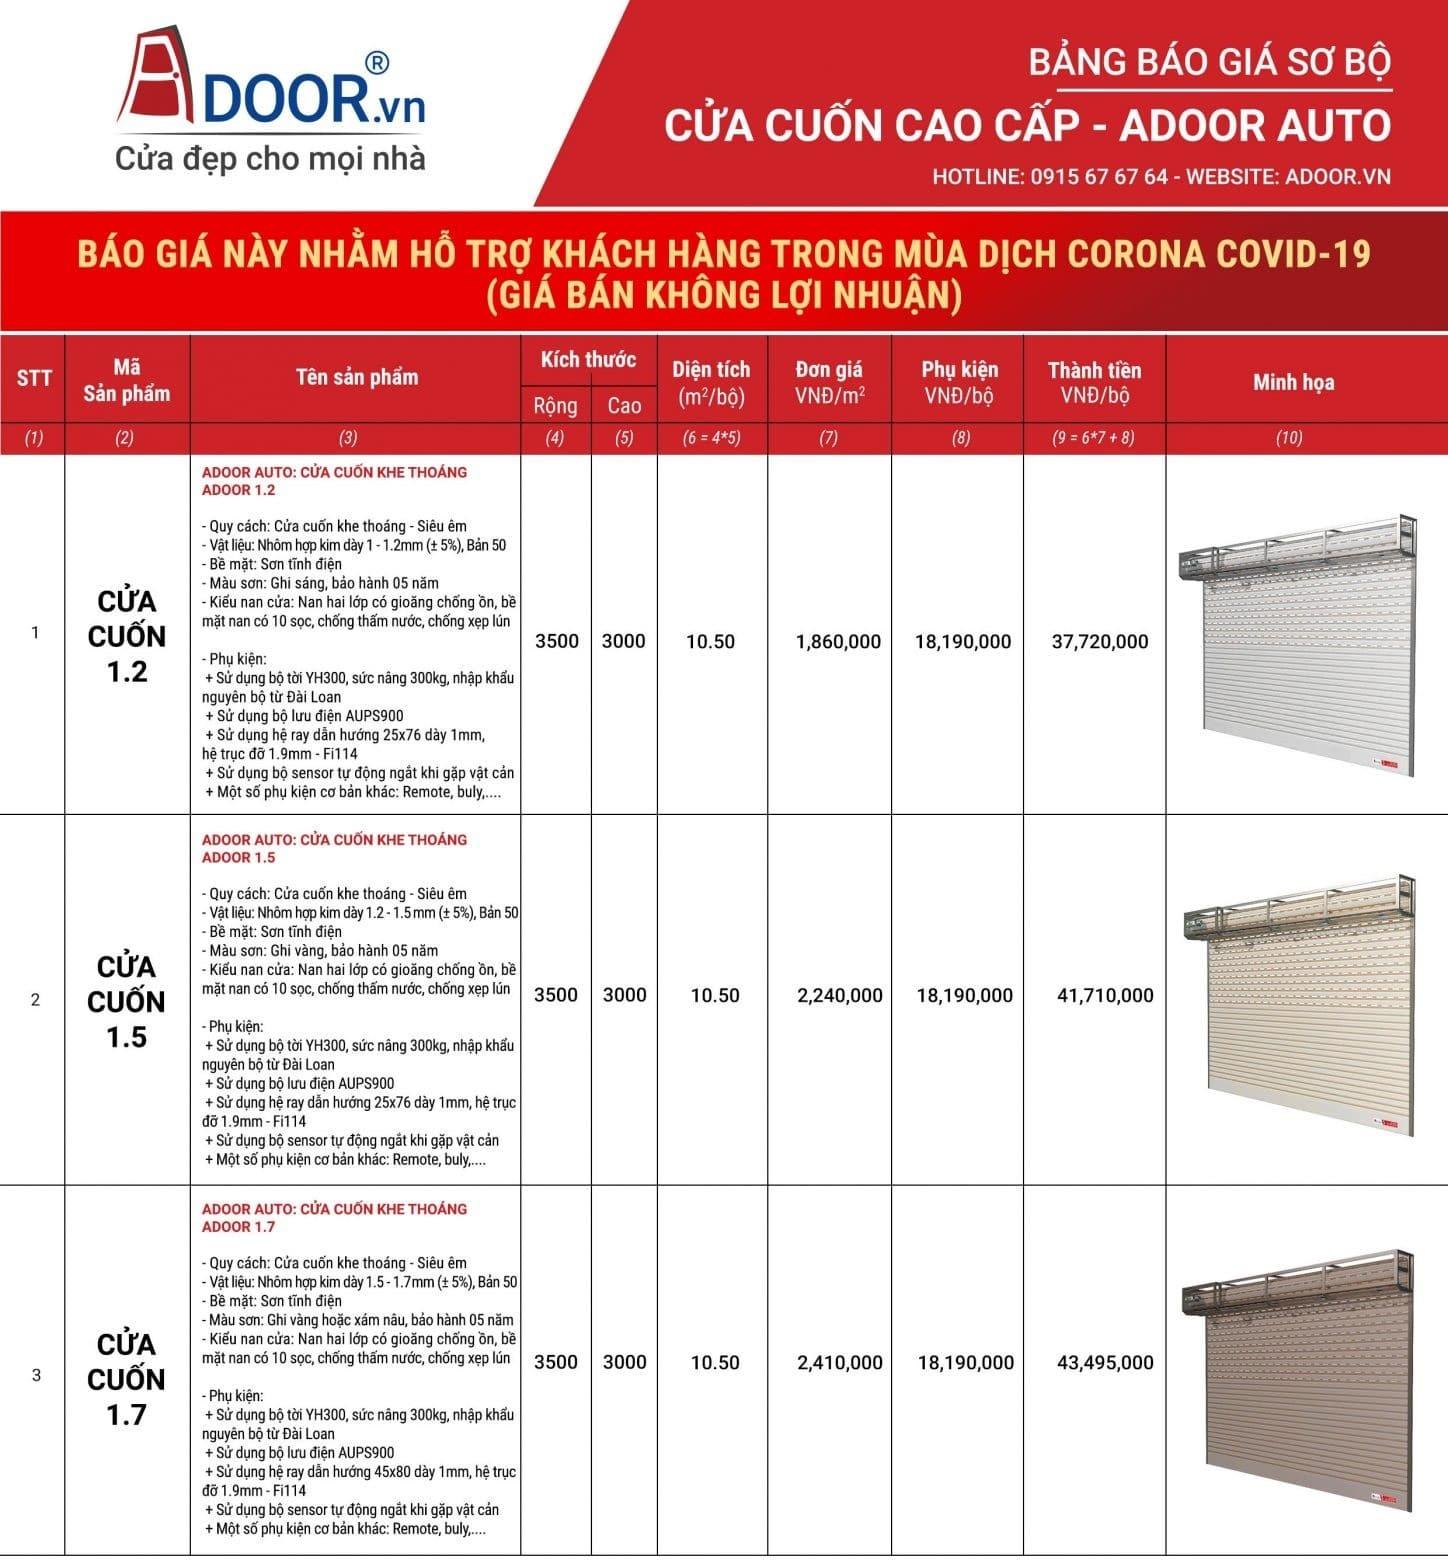 Bảng báo giá sản phẩm cửa cuốn Adoor 2020